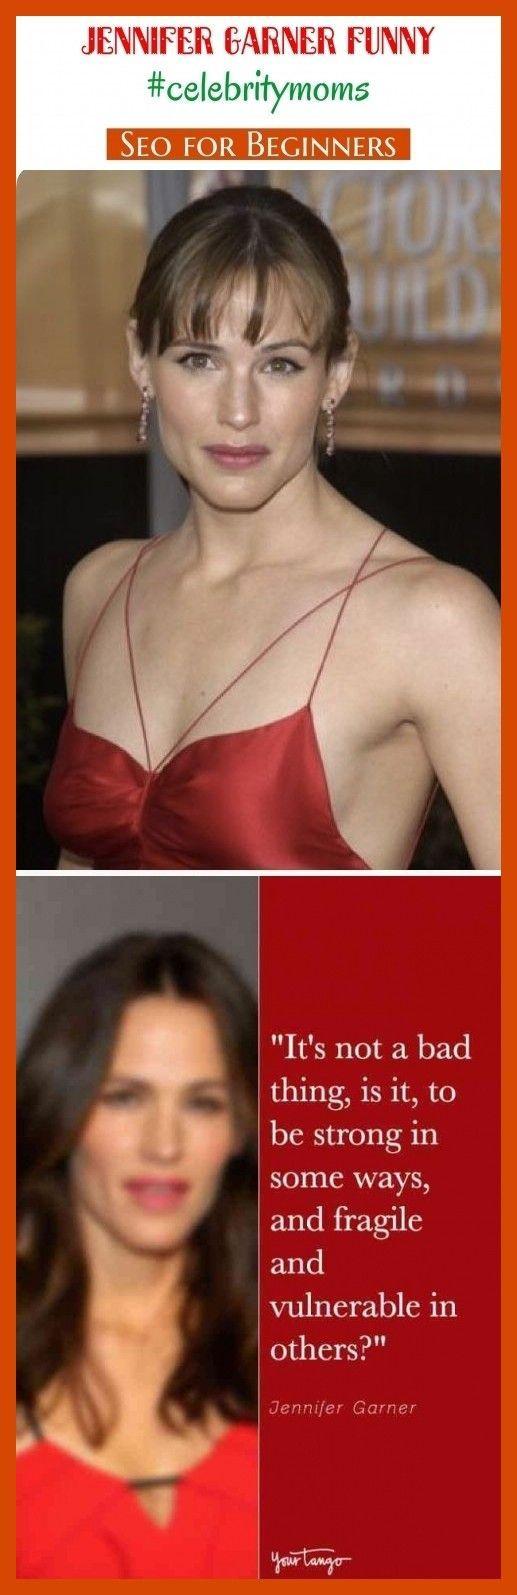 Jennifer garner funny #celebritymoms #seo #celebs. jennifer garner style jennif